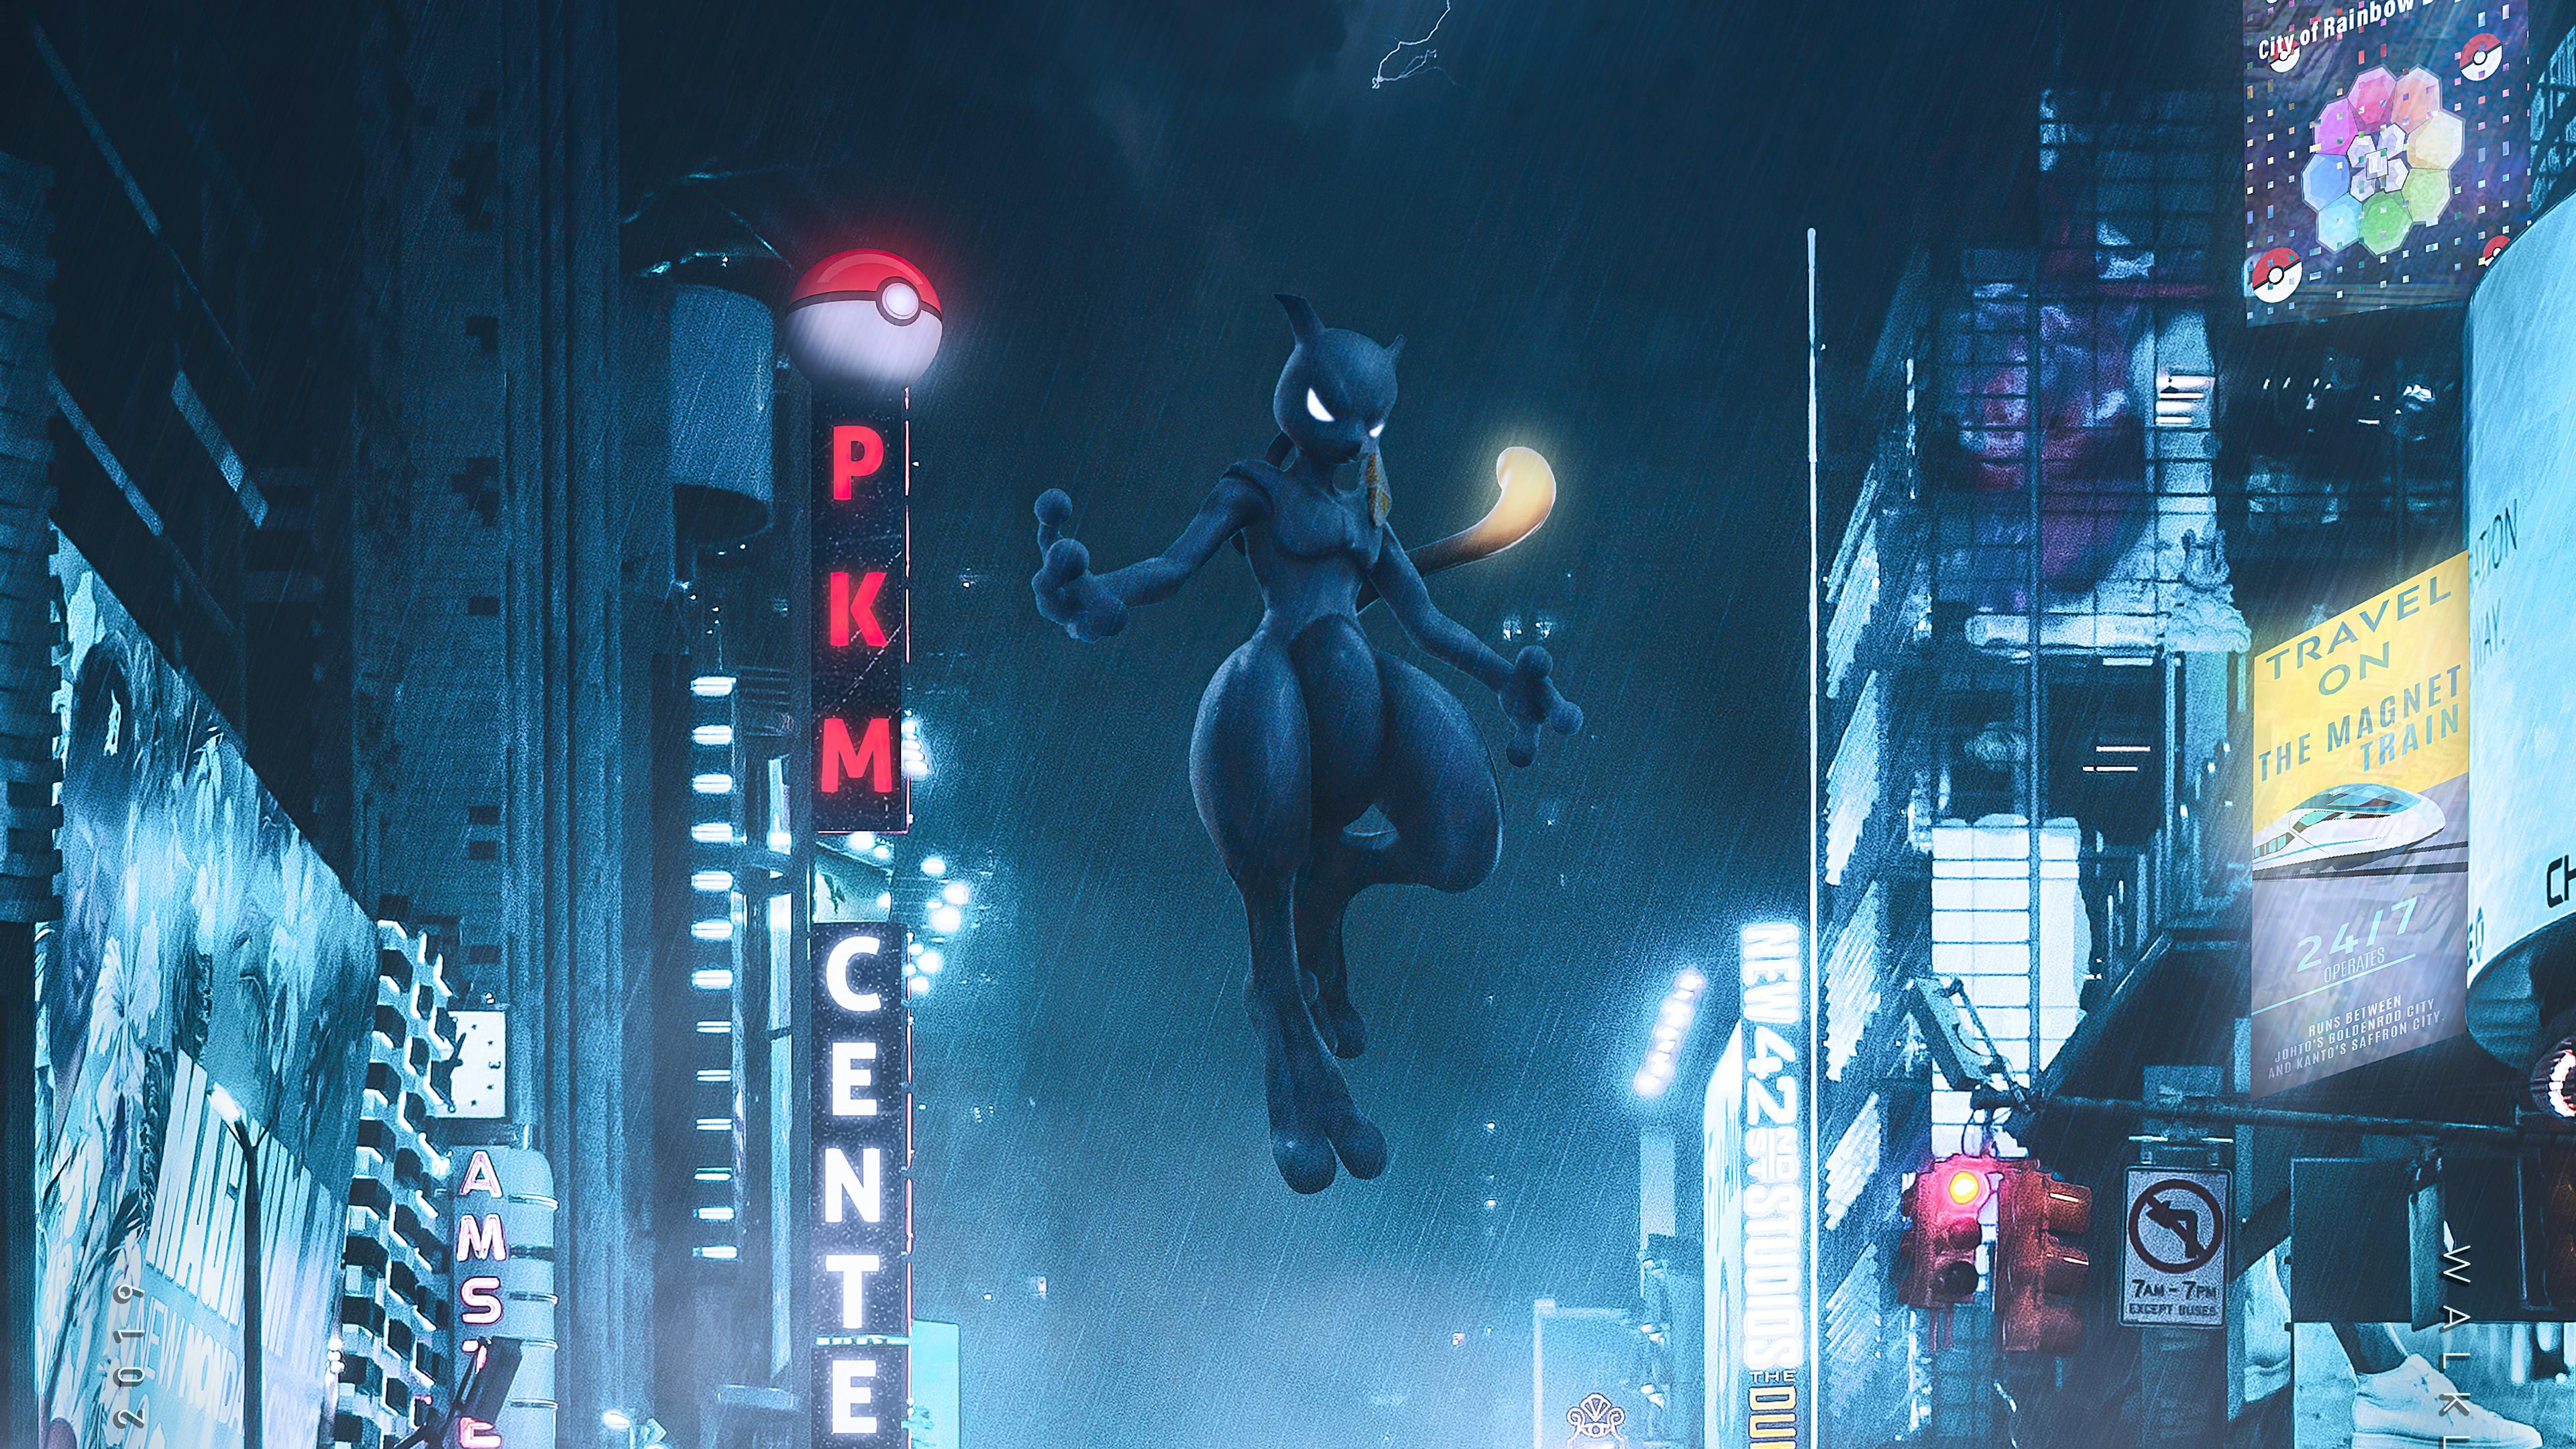 mewtwo 1596930414 - Mewtwo - Mewtwo Pokemon movie wallpapers 4k